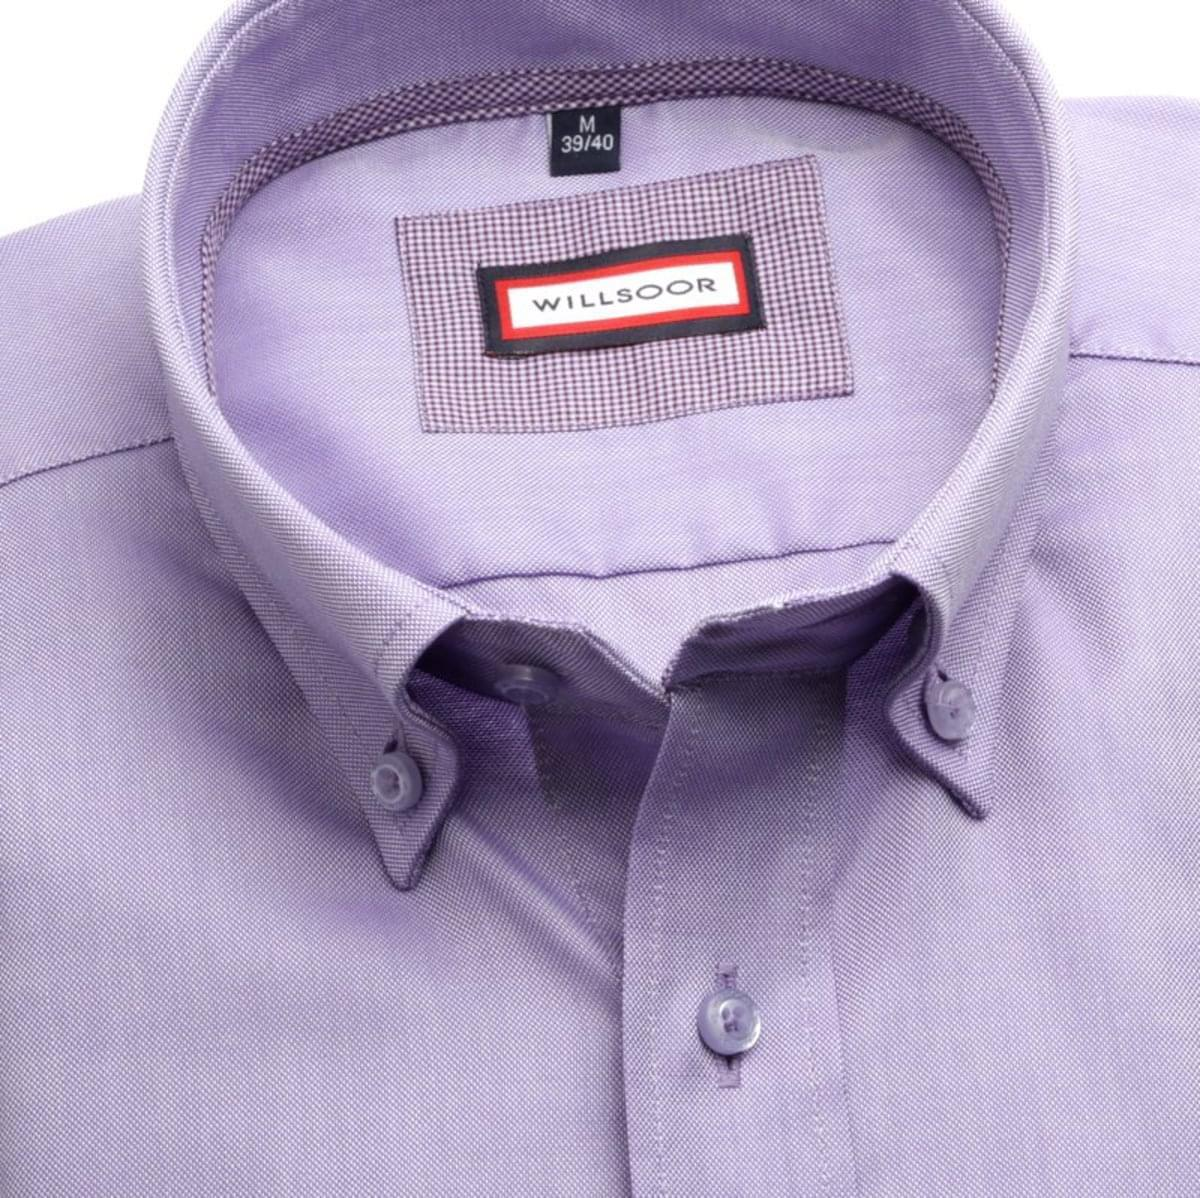 Pánská klasická košile (výška 176-182) 7675 ve fialkové barvě s úpravou easy care 176-182 / L (41/42)